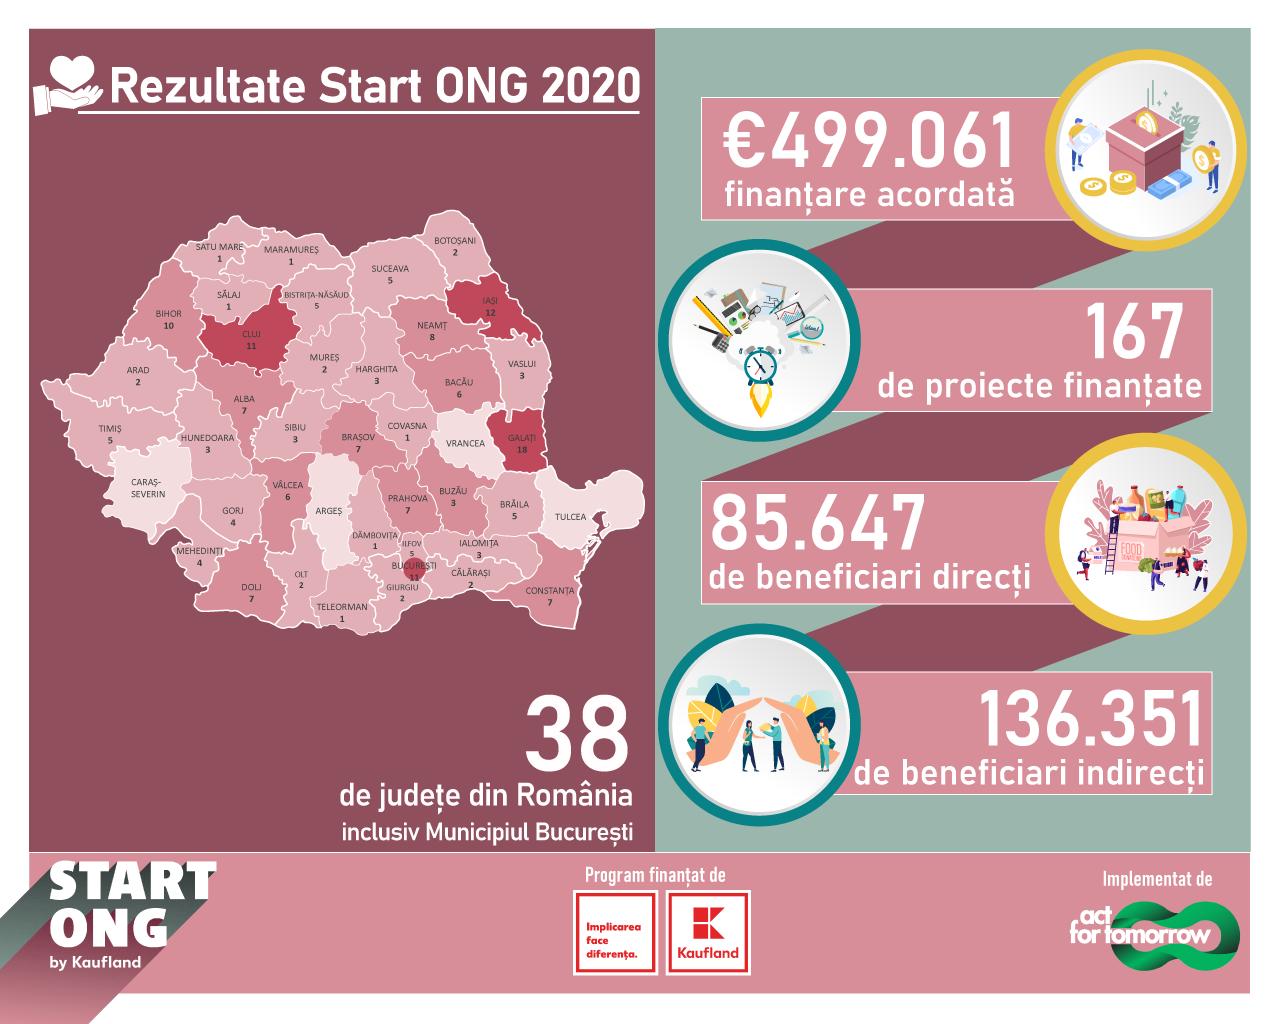 85.000 de persoane au beneficiat de sprijin prin programul Start ONG în 2020